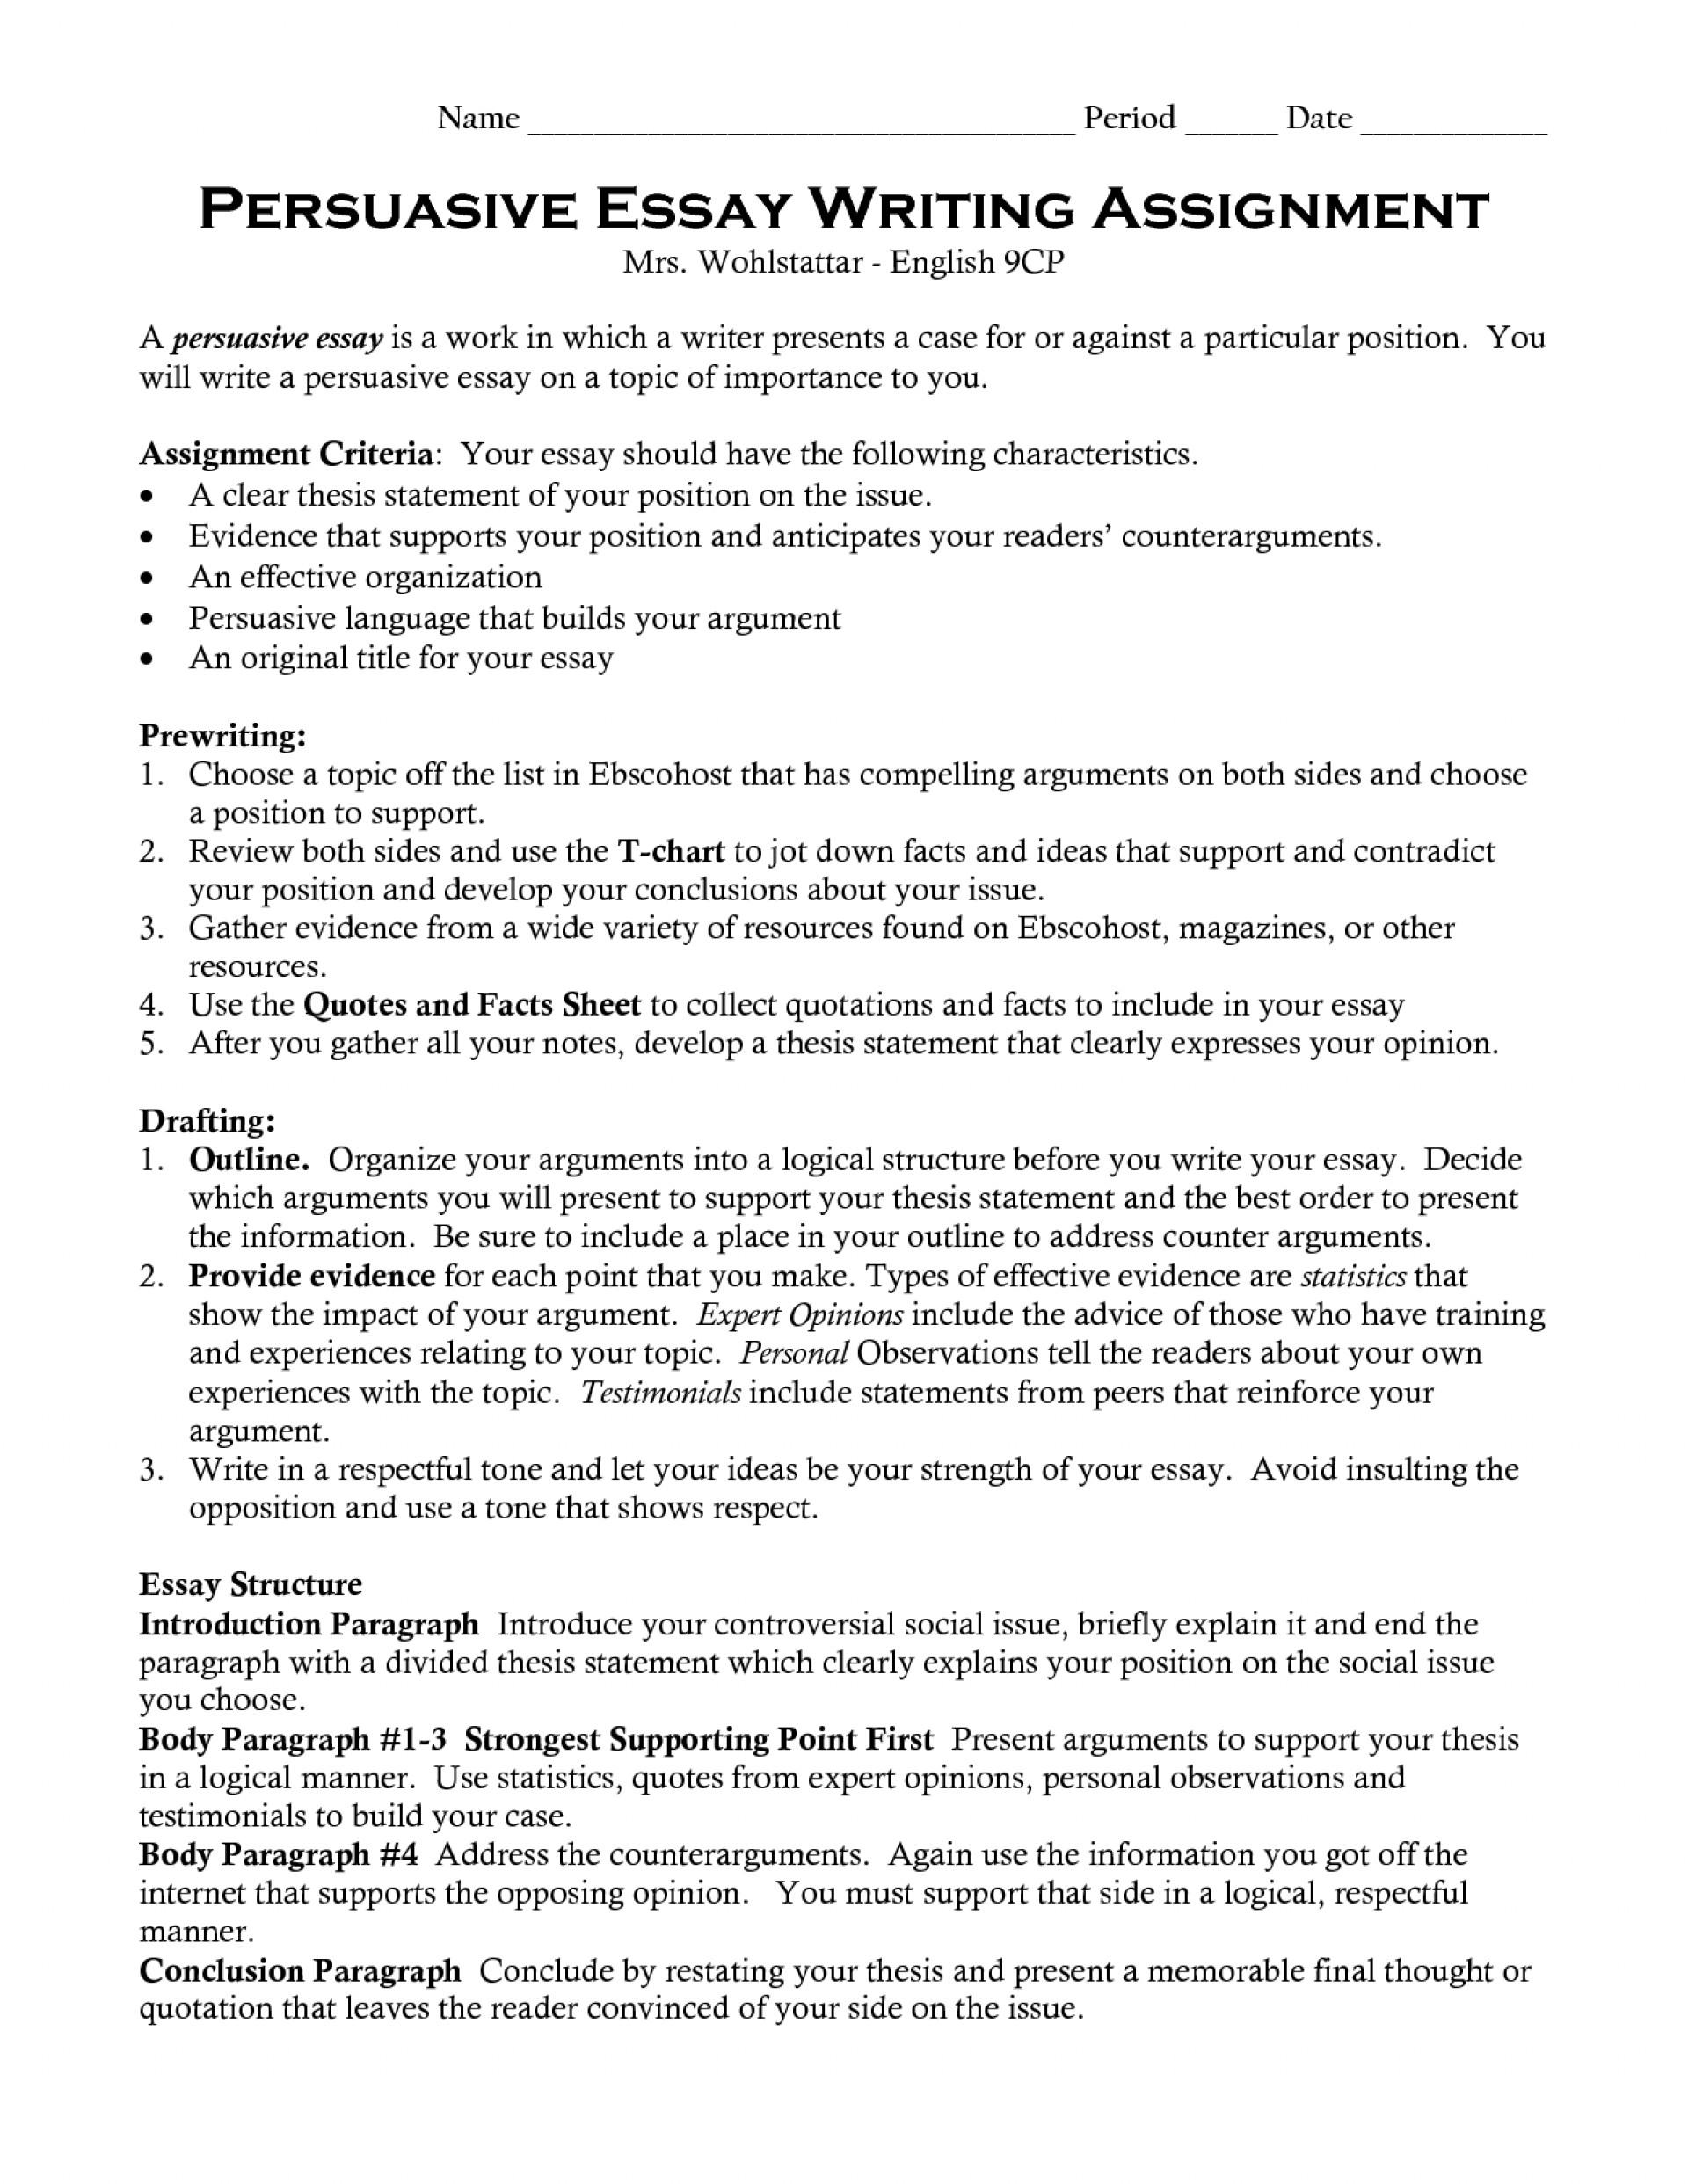 010 Essay Example Writer Outstanding Com My Writer.com Pro Writing Reviews Comparative 1920